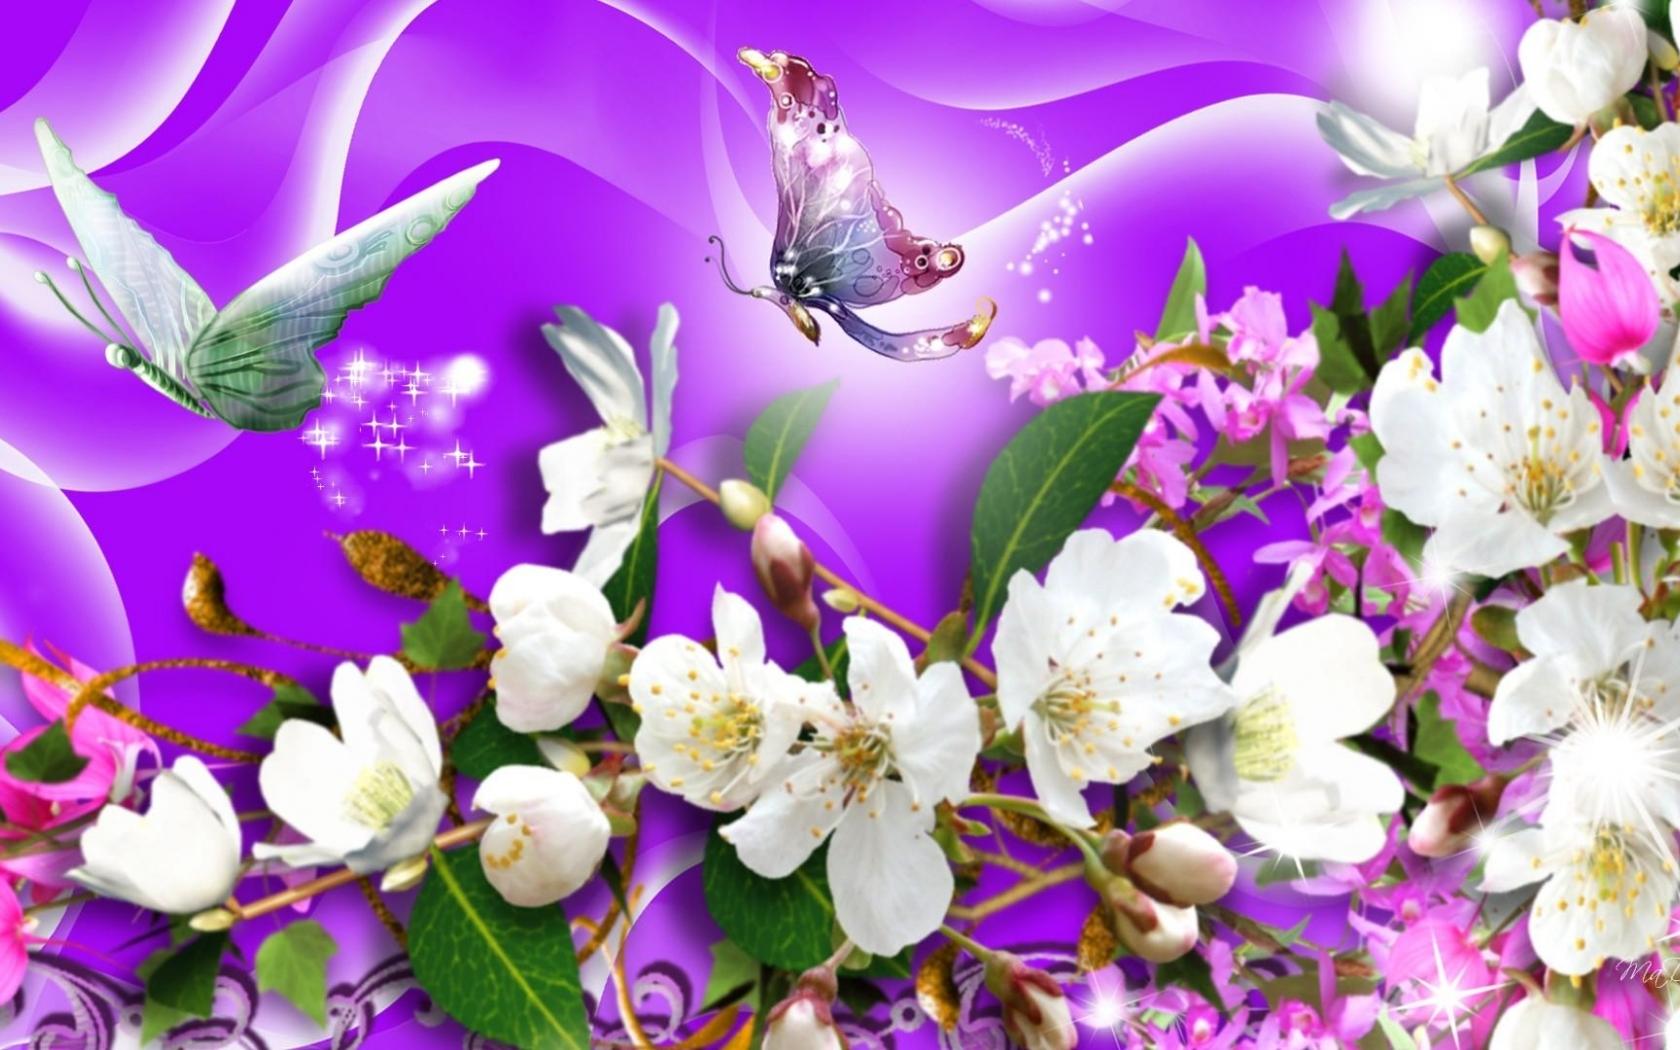 Бабочки подлетающие к цветкам  № 2991714 загрузить